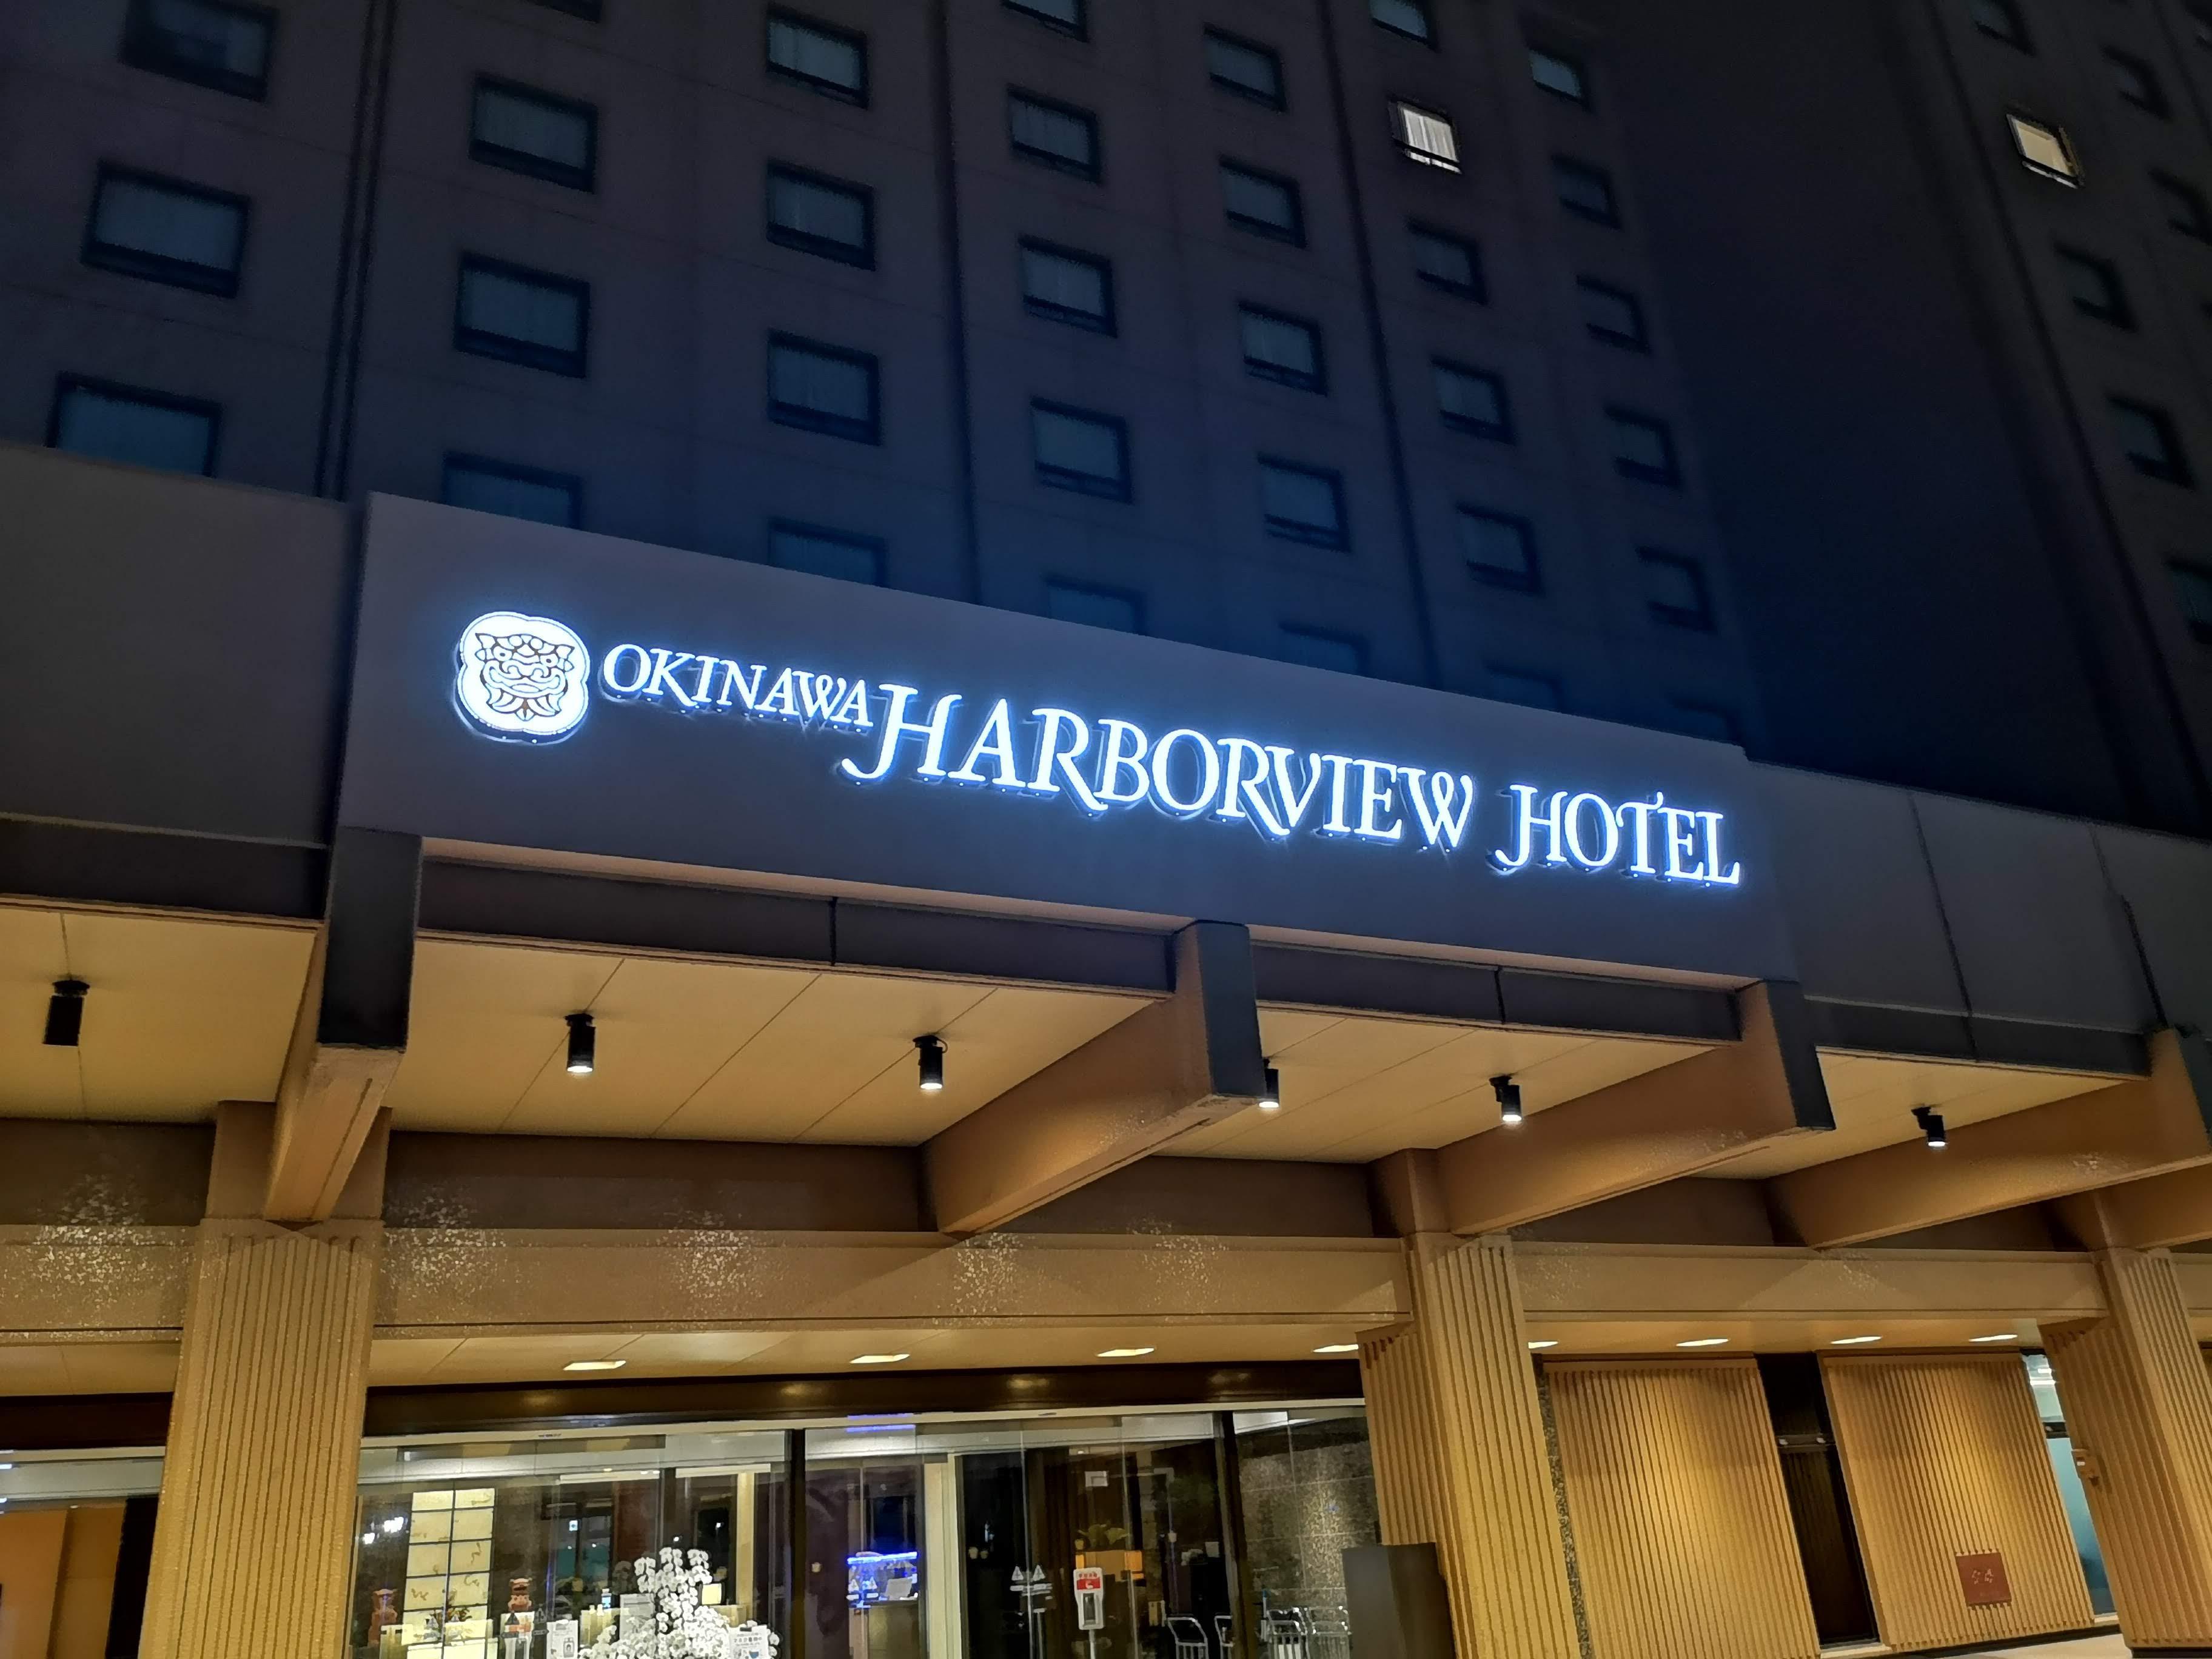 ハーバー ビュー ホテル 沖縄 沖縄ハーバービューホテル 宿泊予約【楽天トラベル】